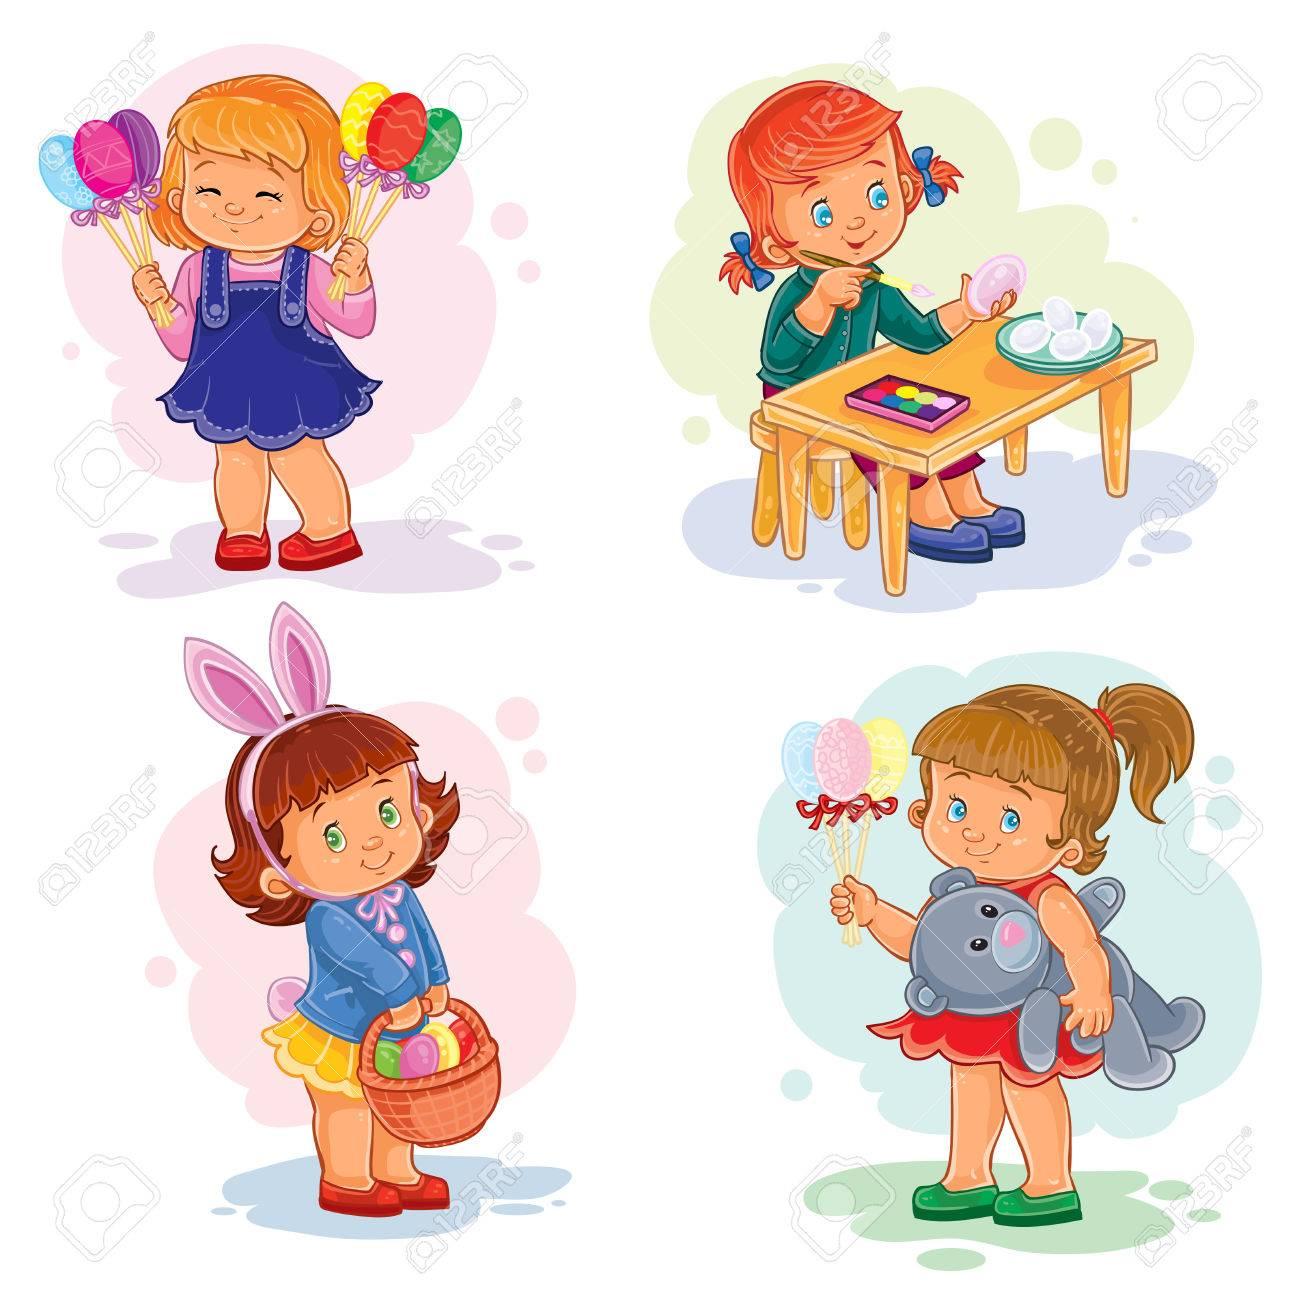 Ensemble D Illustrations Clipart Avec De Jeunes Enfants Sur Le Theme De Paques Banque D Images Et Photos Libres De Droits Image 77827966